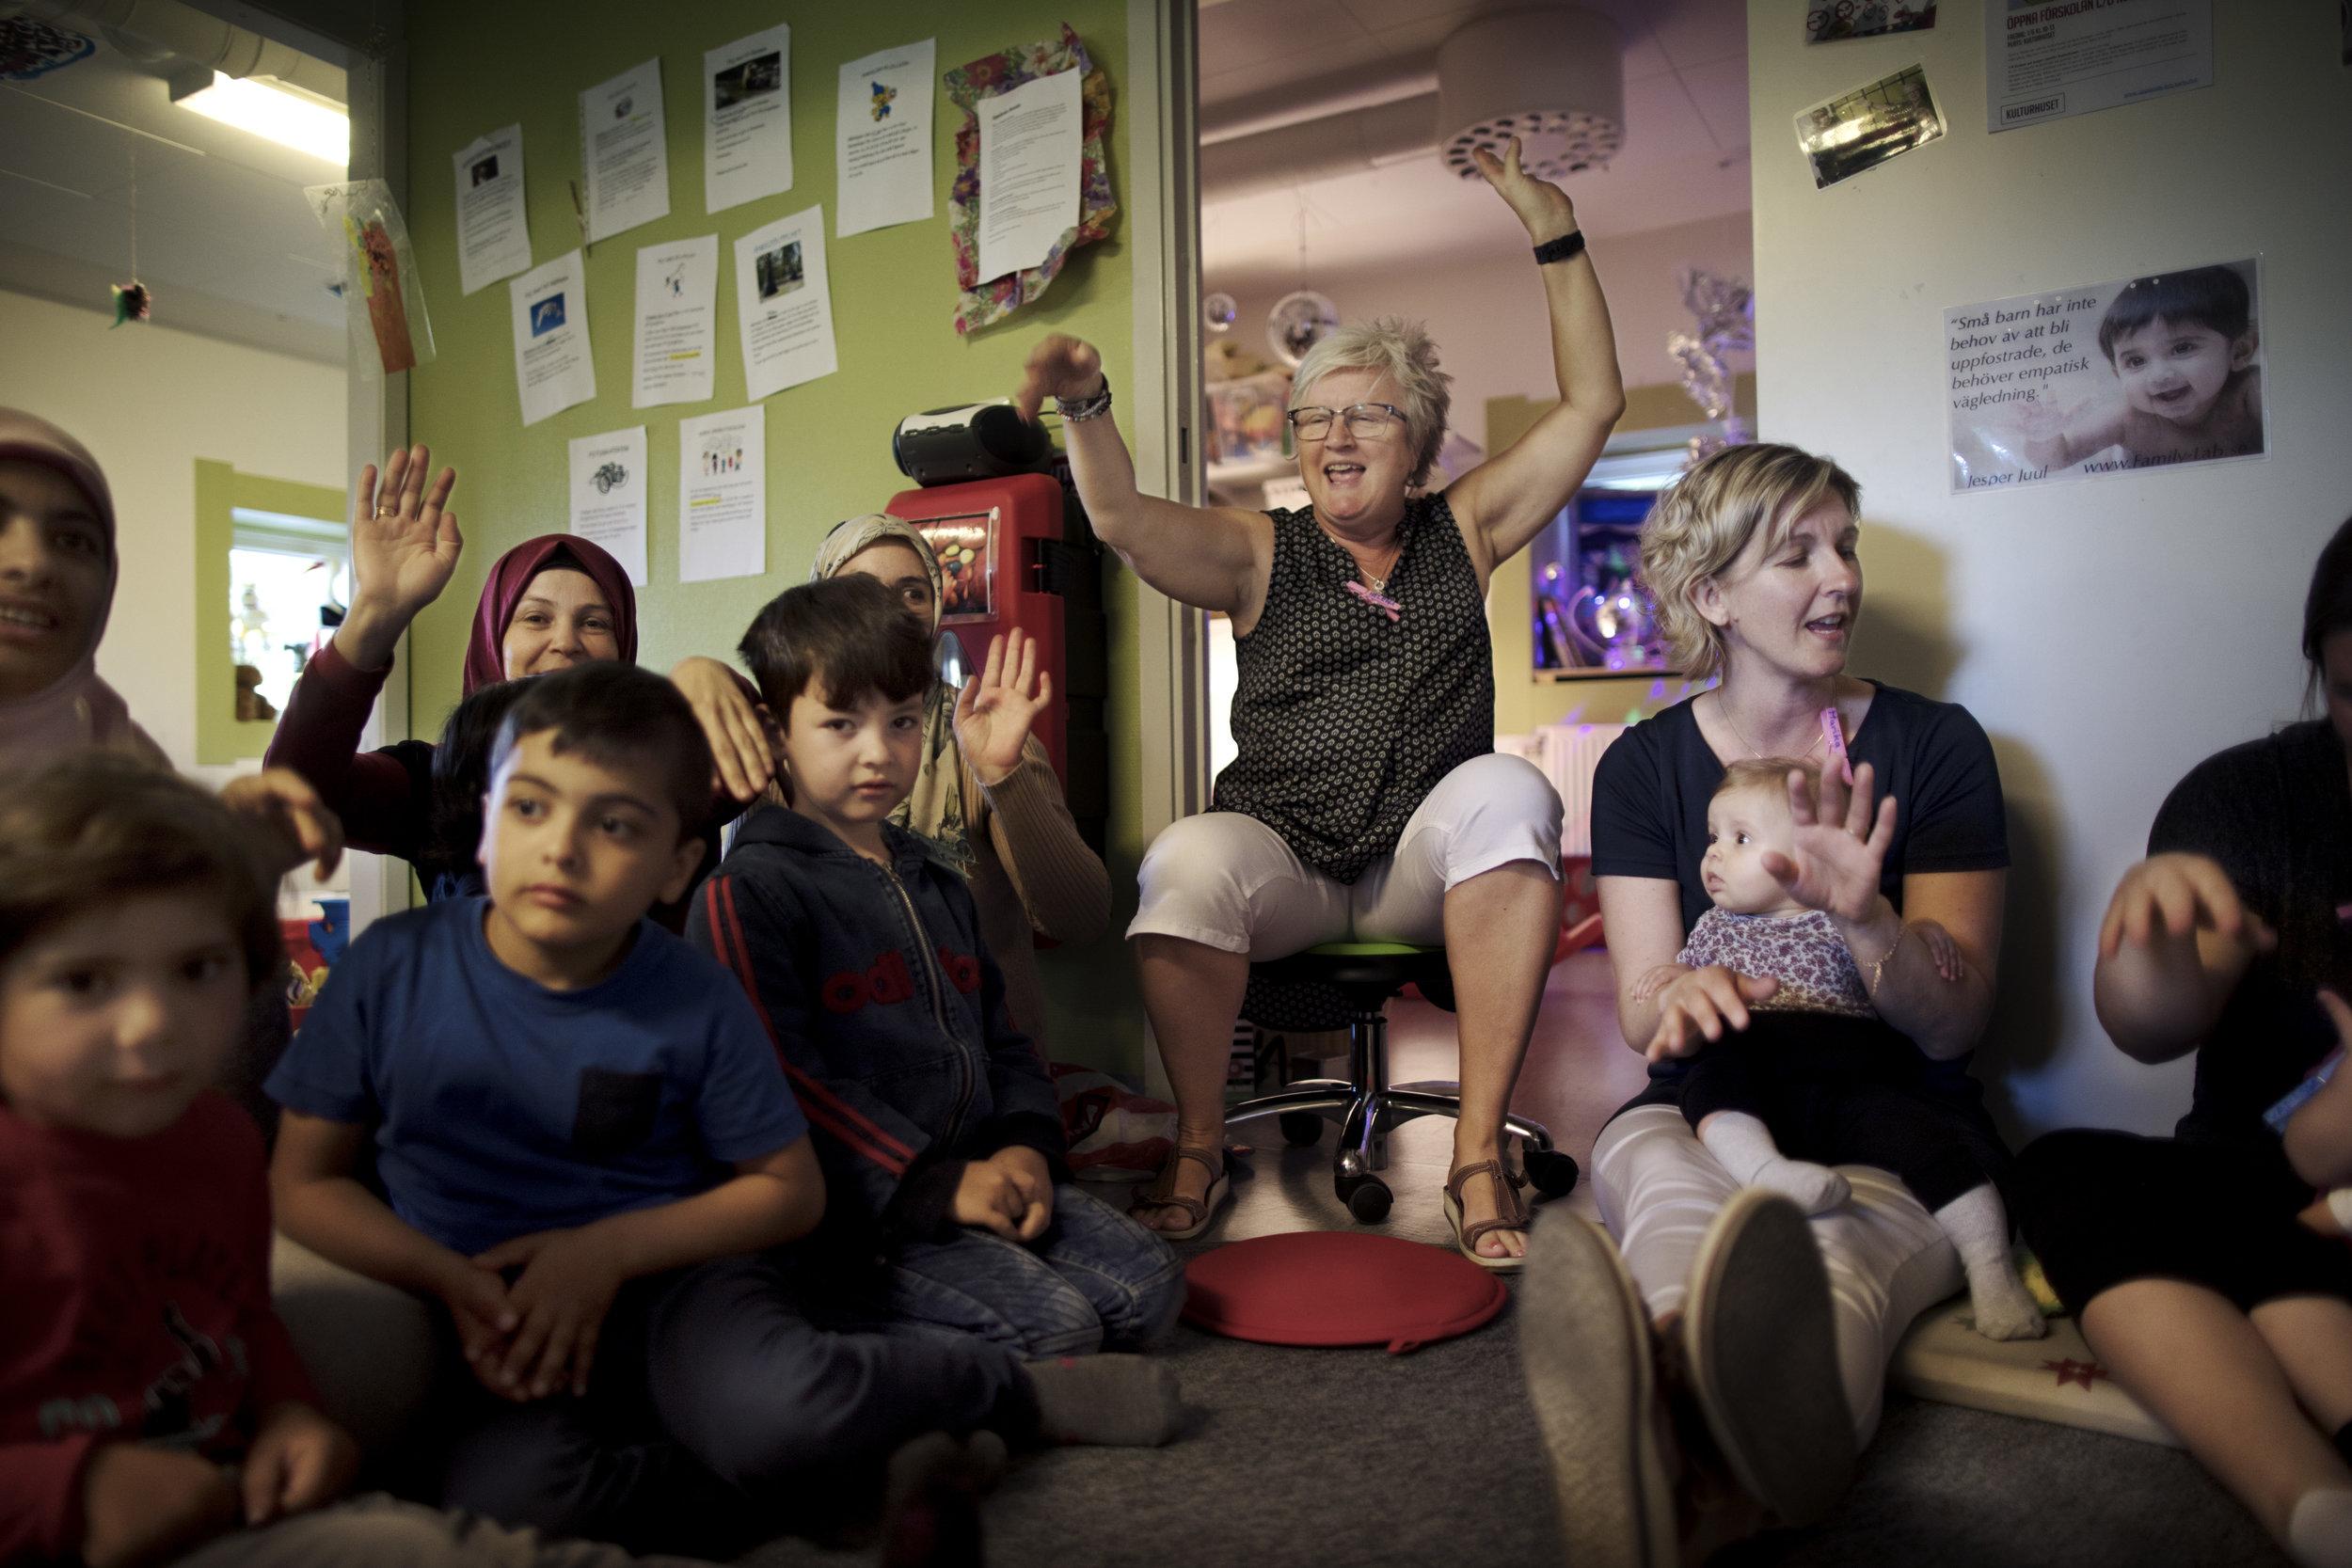 Helena Johansson driver sångstunden och förskolan tillsammans med Marika Palmqvist, som håller en bebis i knäet